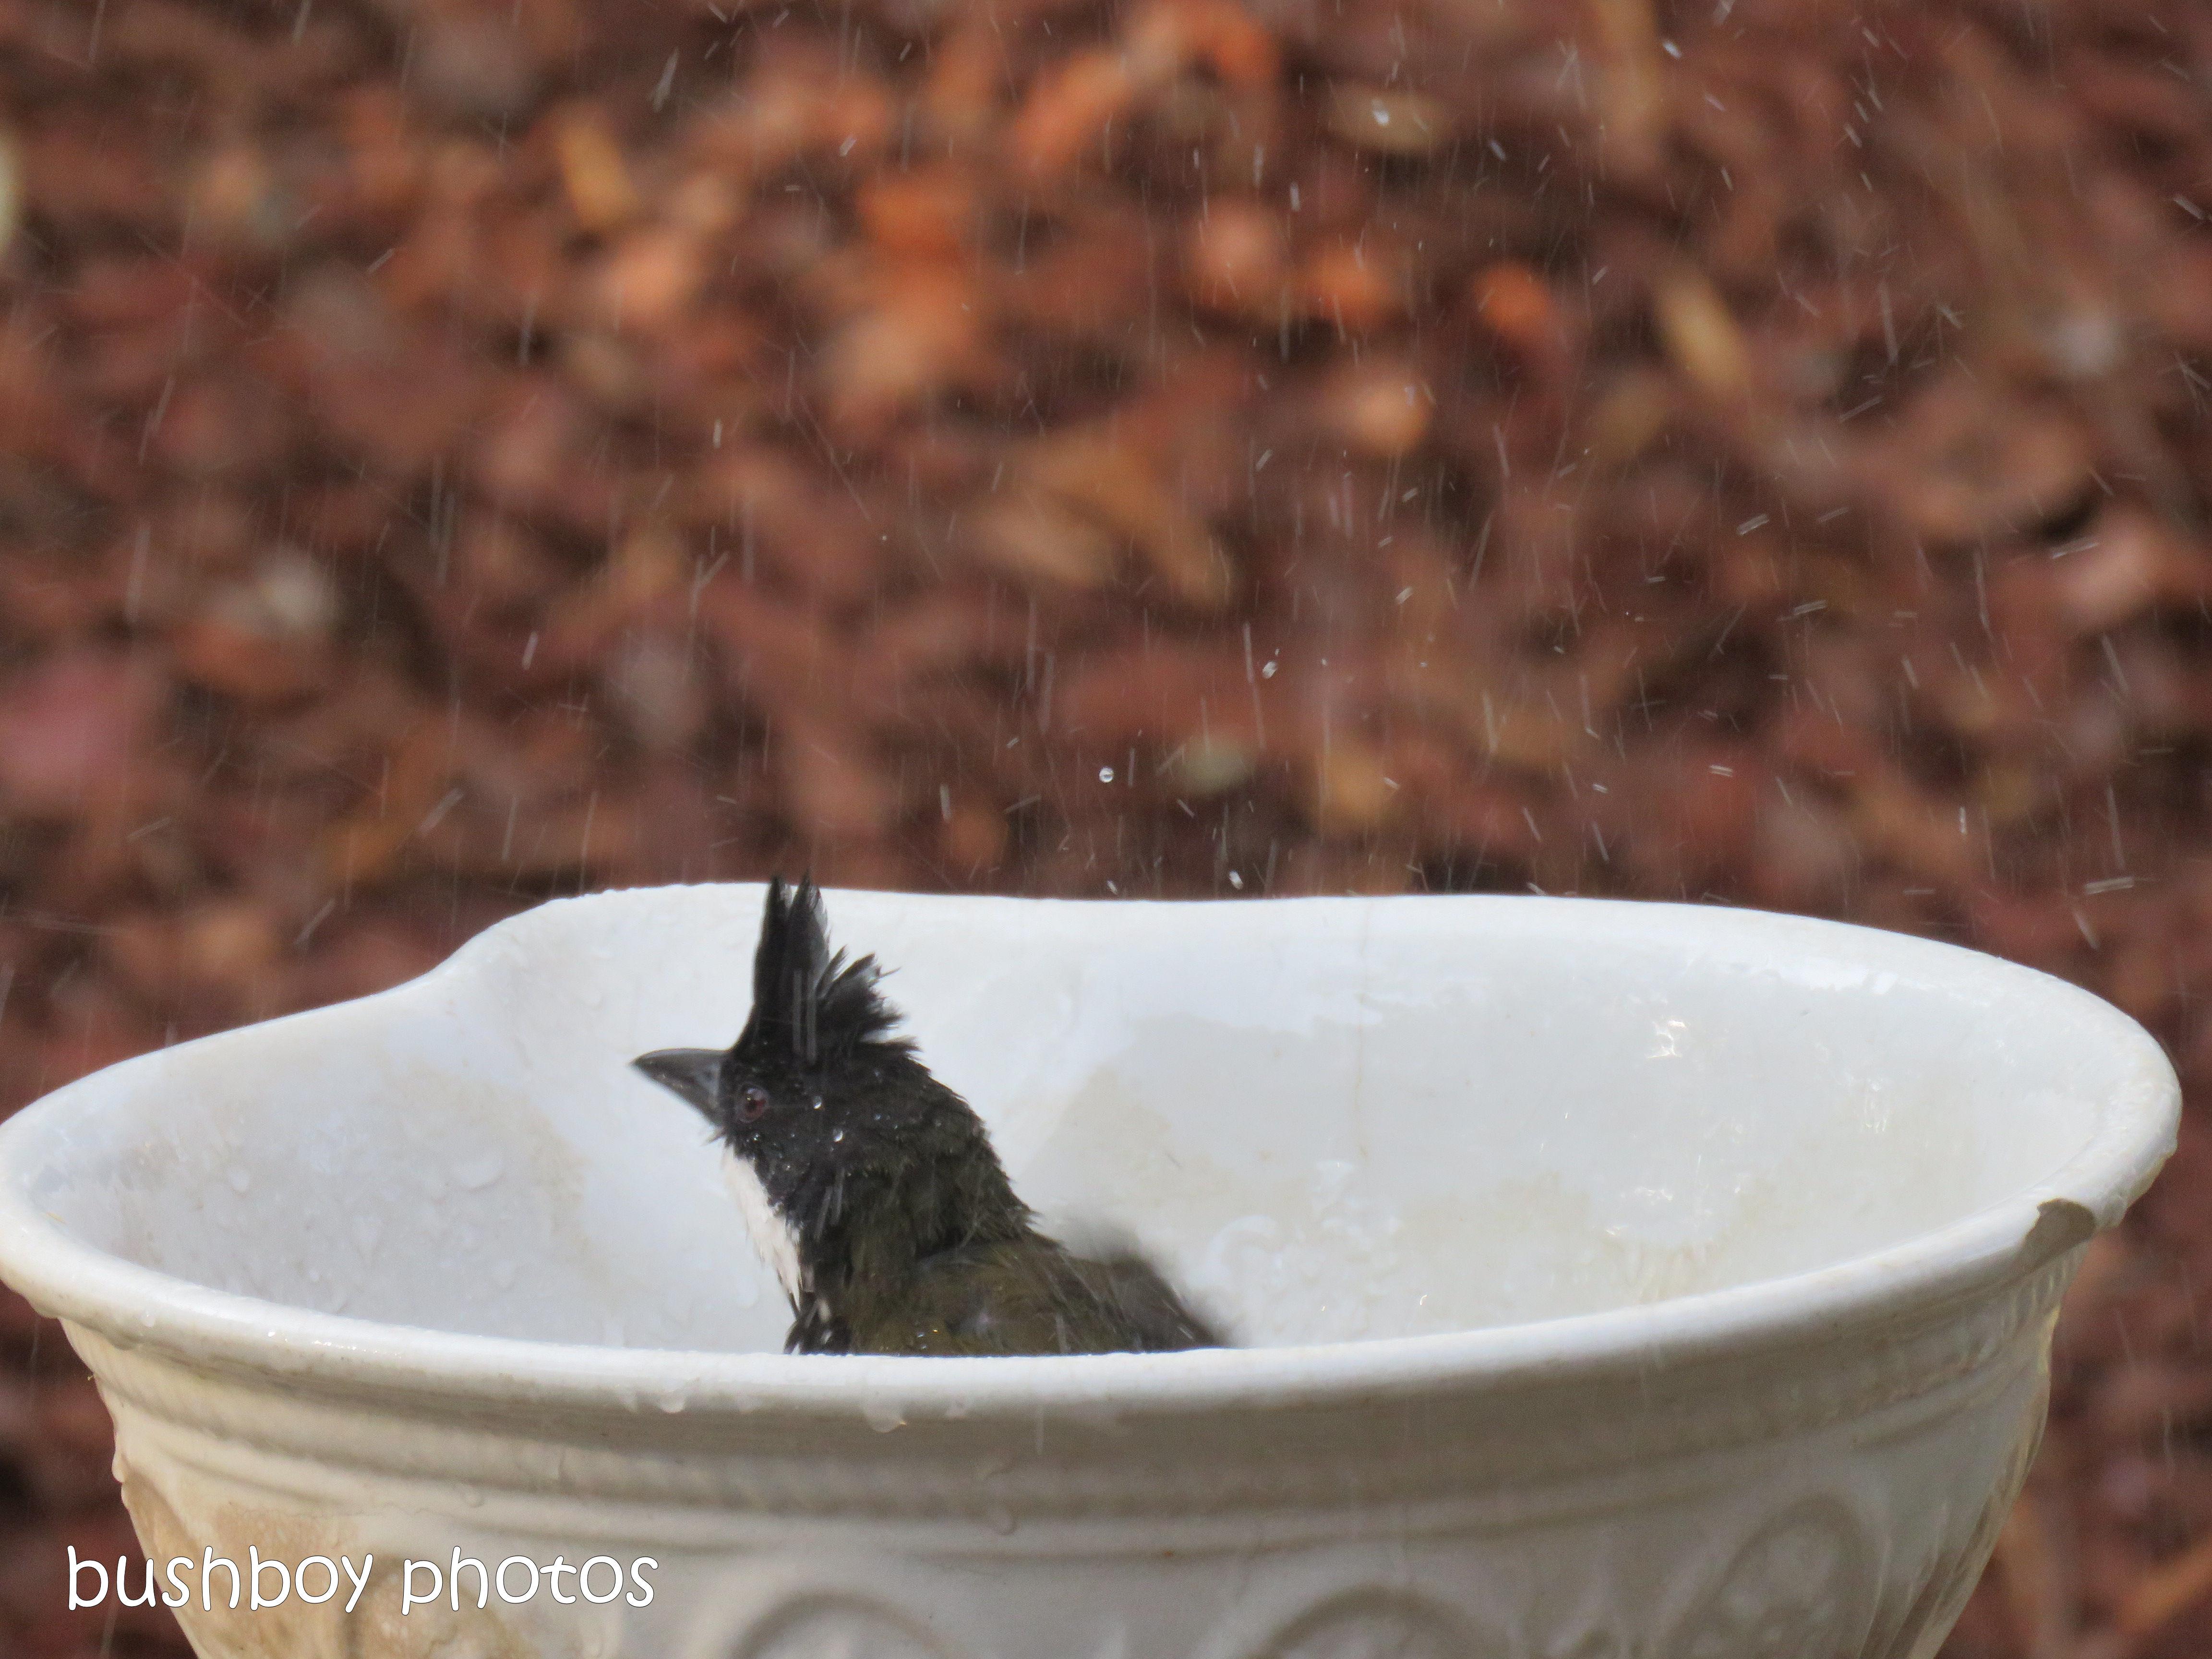 180921_blog challenge_whip bird_bird bath07